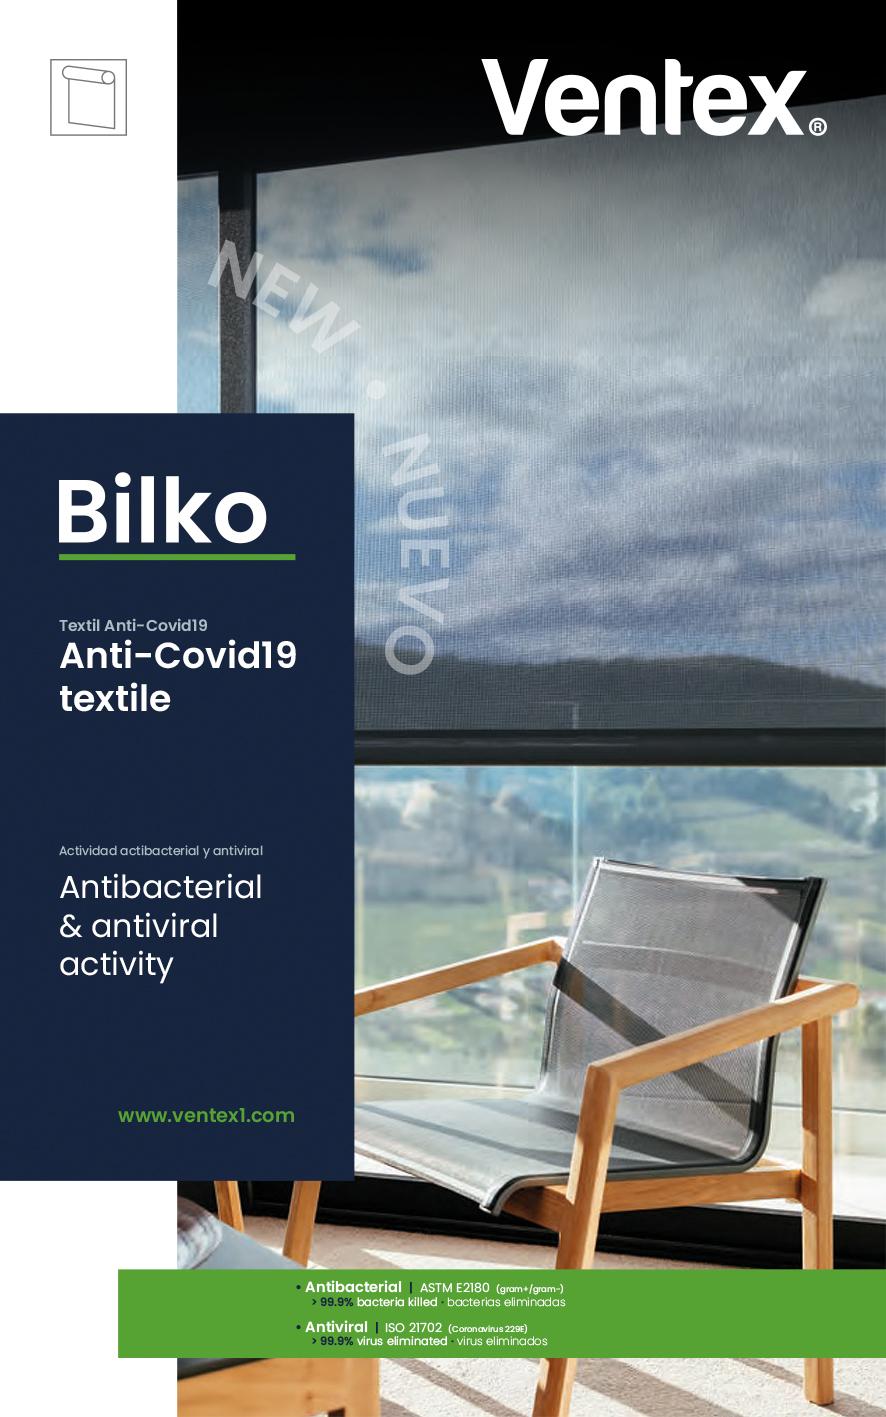 BILKO___Anti-Covid19 textile